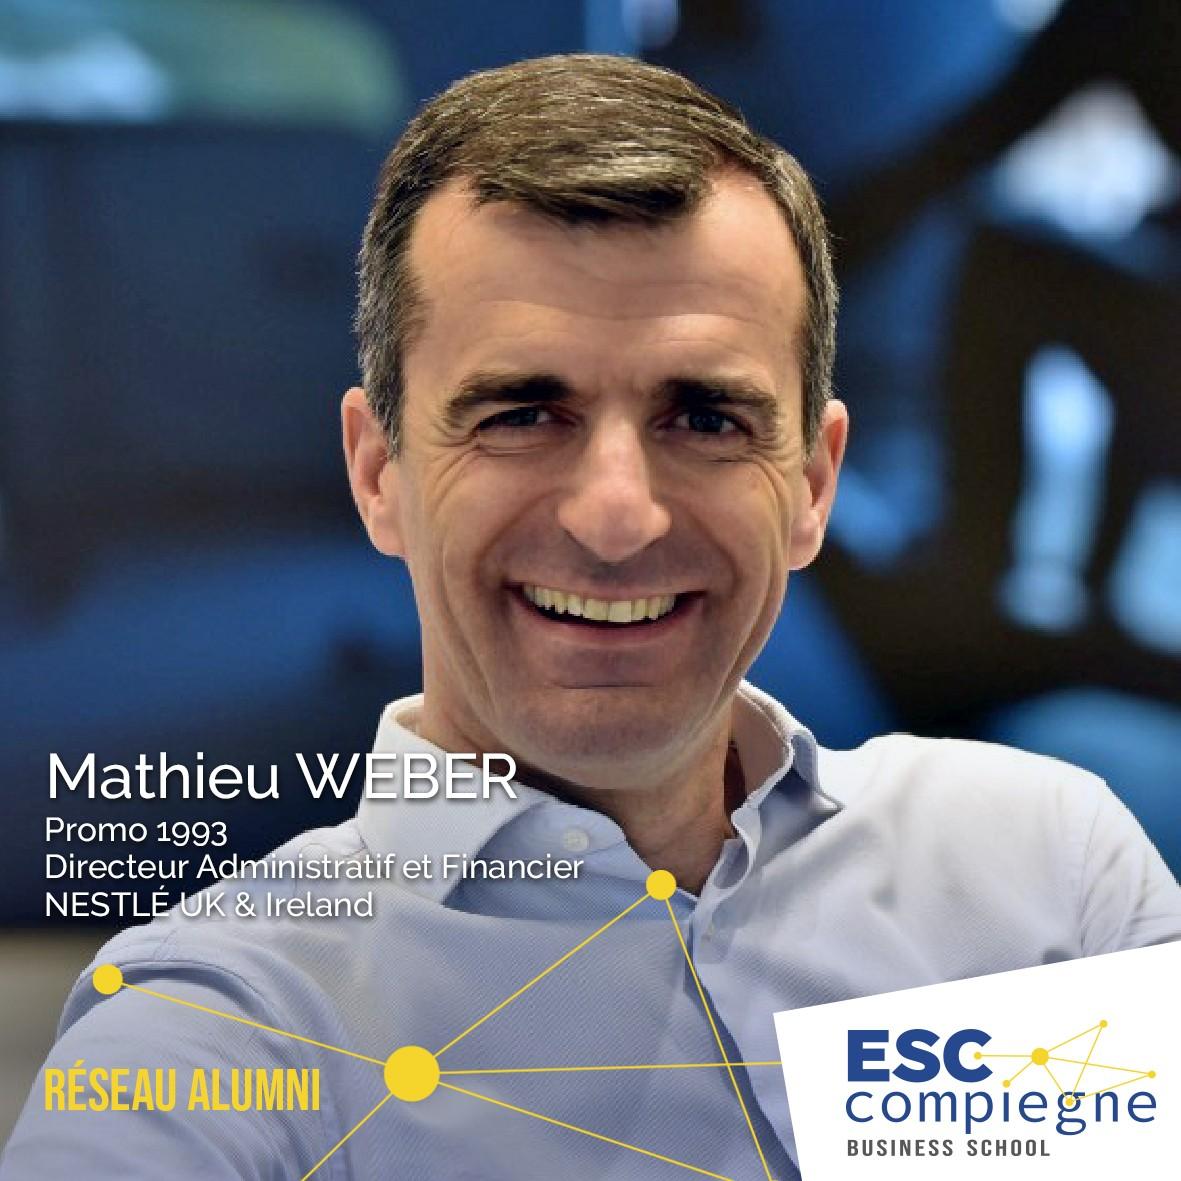 ESCC-Mathieu-Weber